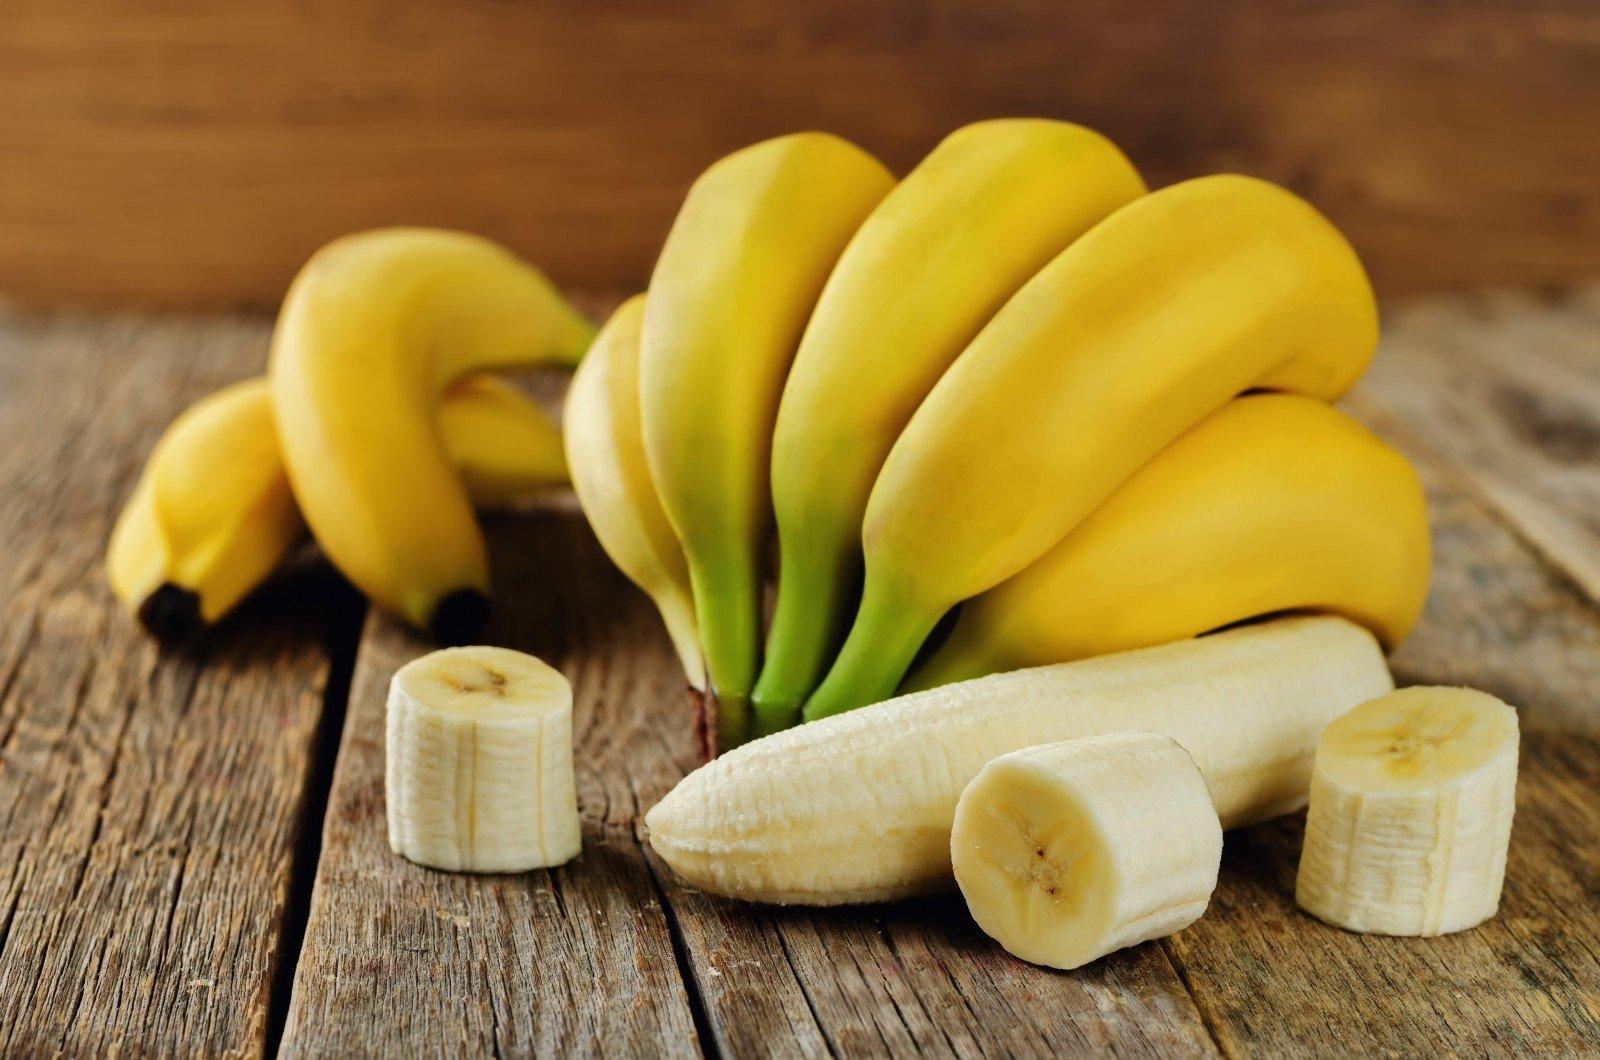 Bananų, širdies ligų ir insulto, pasibaigė! - Sveikata